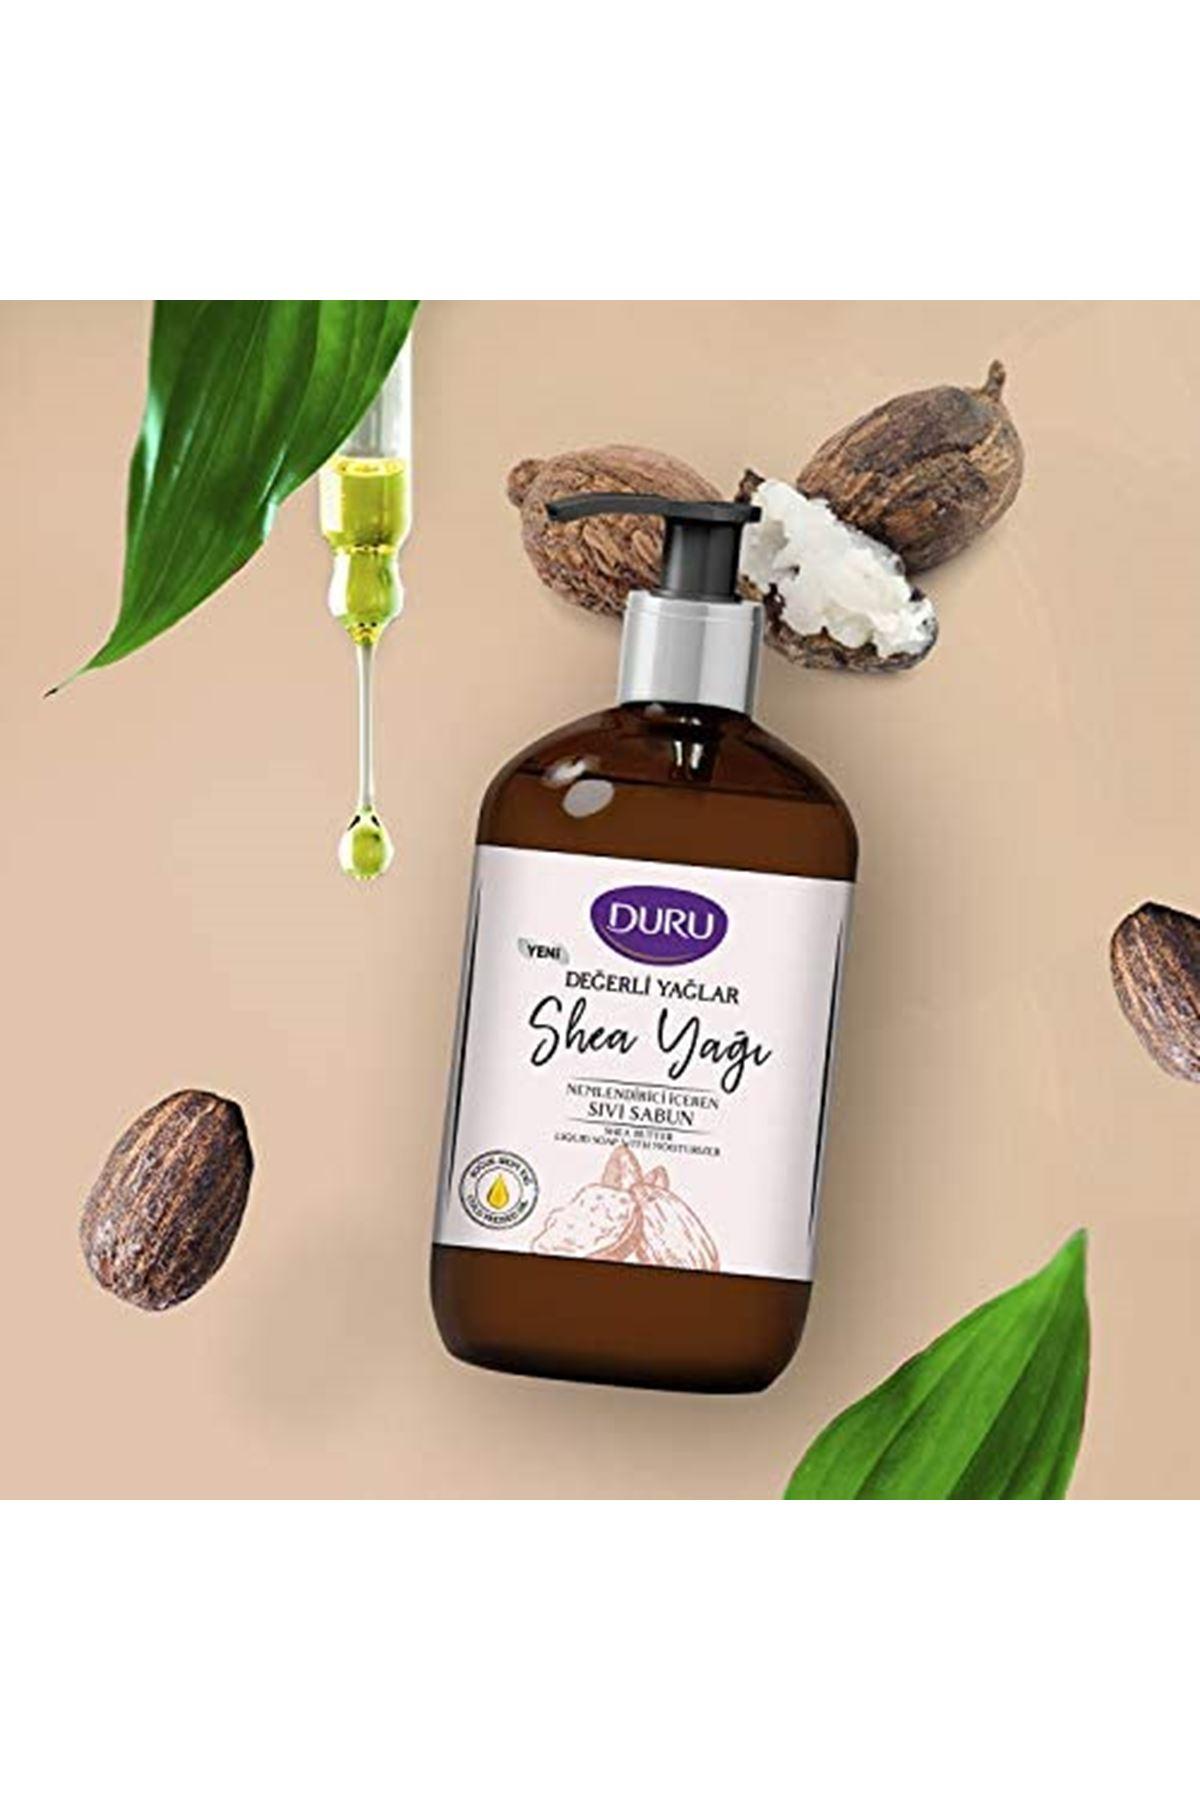 Duru Değerli Yağlar Nemlendiricili Shea Yağı Sıvı Sabun 500 ml